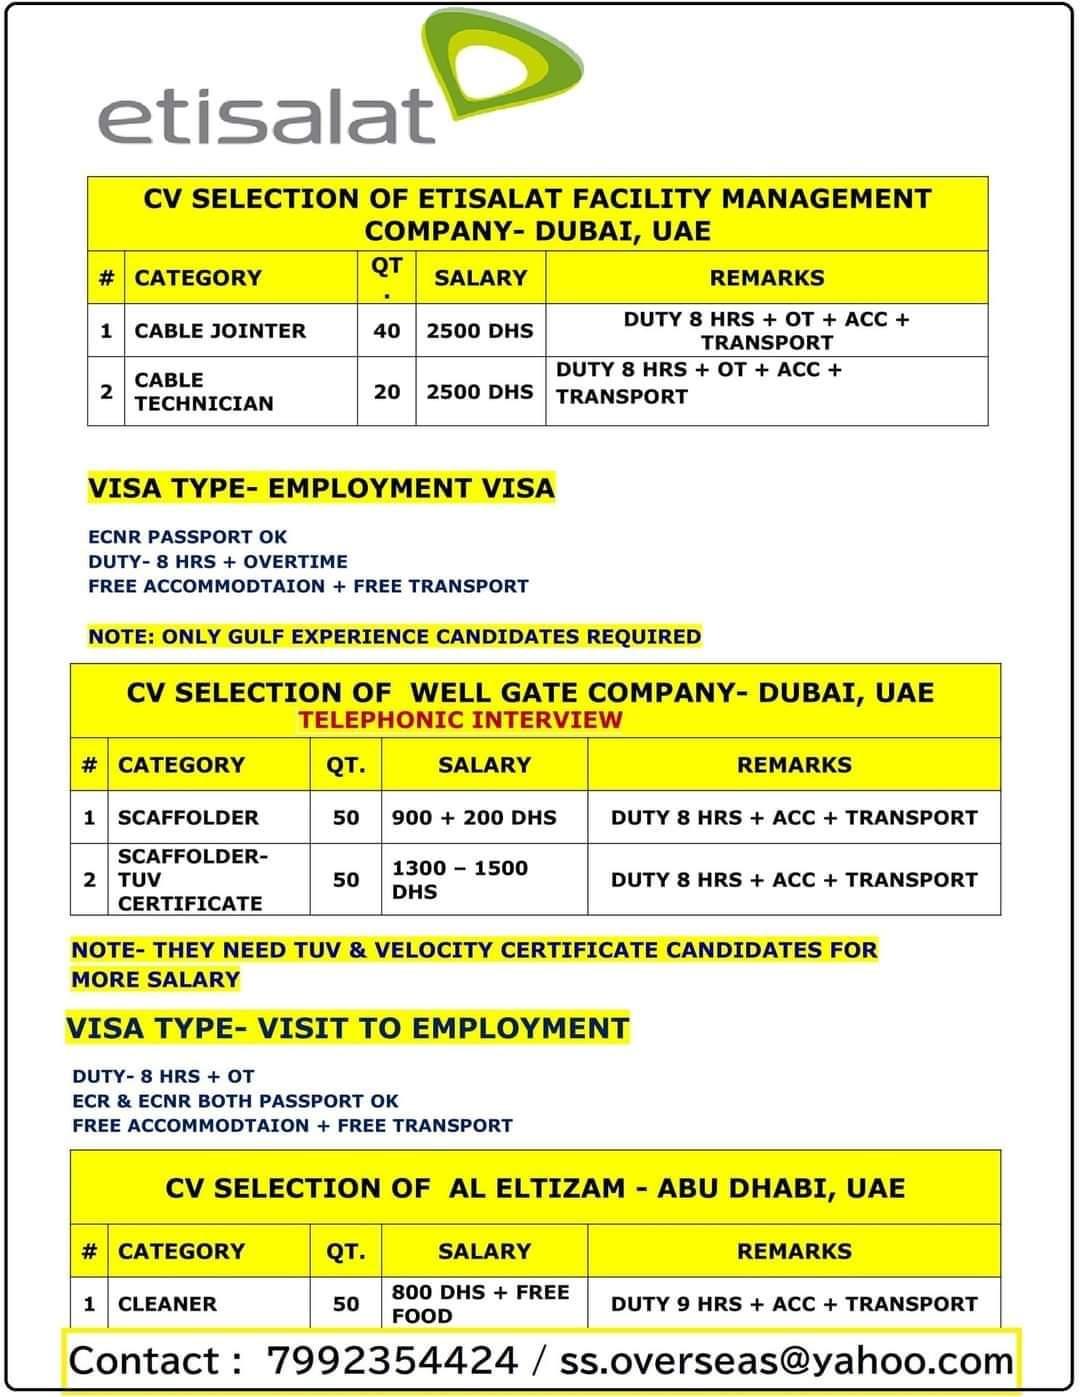 ETISALAT FACILITY MANAGEMENT COMPANY- DUBAI, UAE